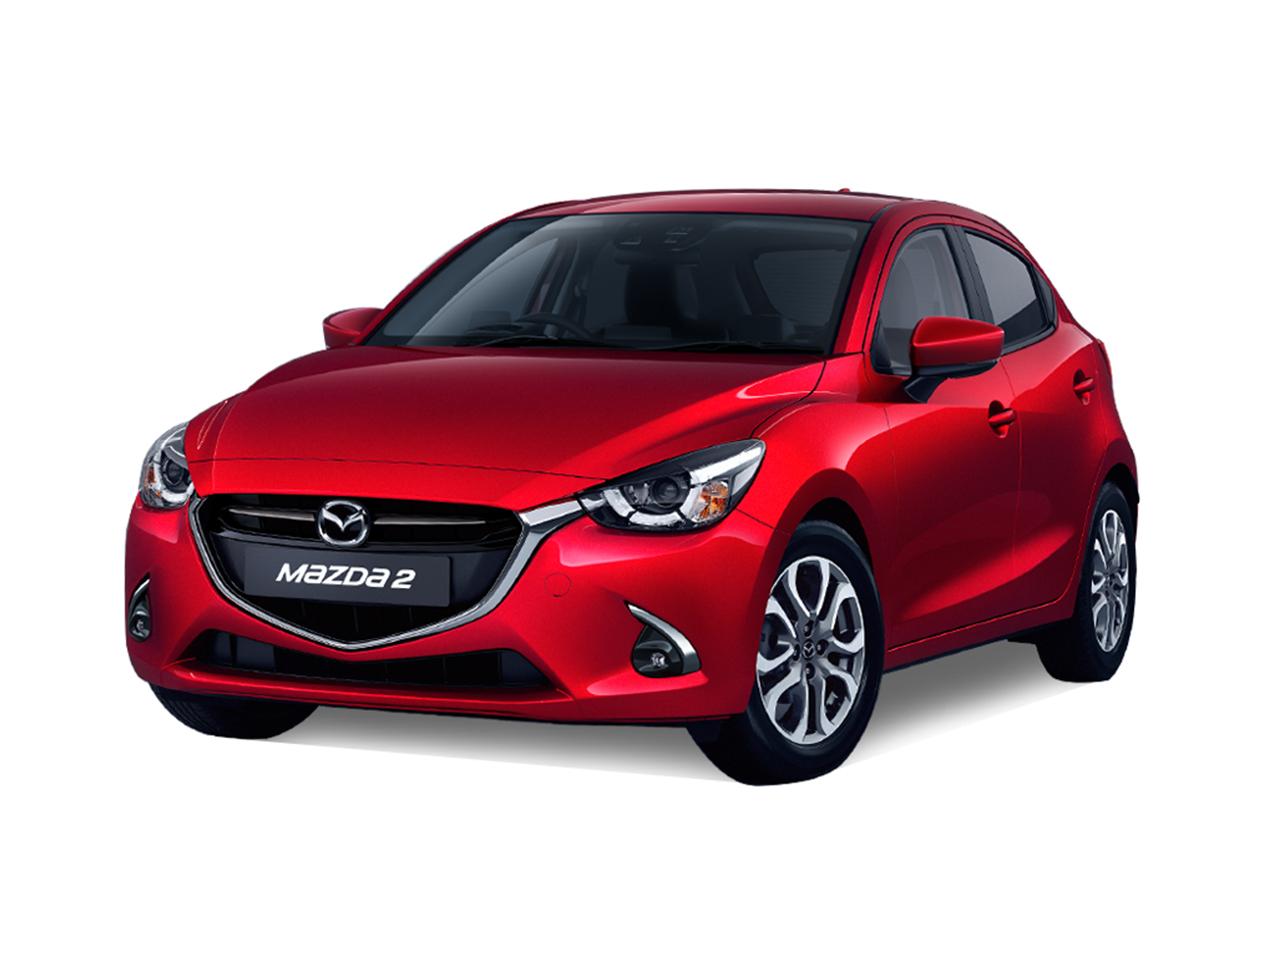 2018 Mazda 2 Hatchback Prices In Qatar Gulf Specs